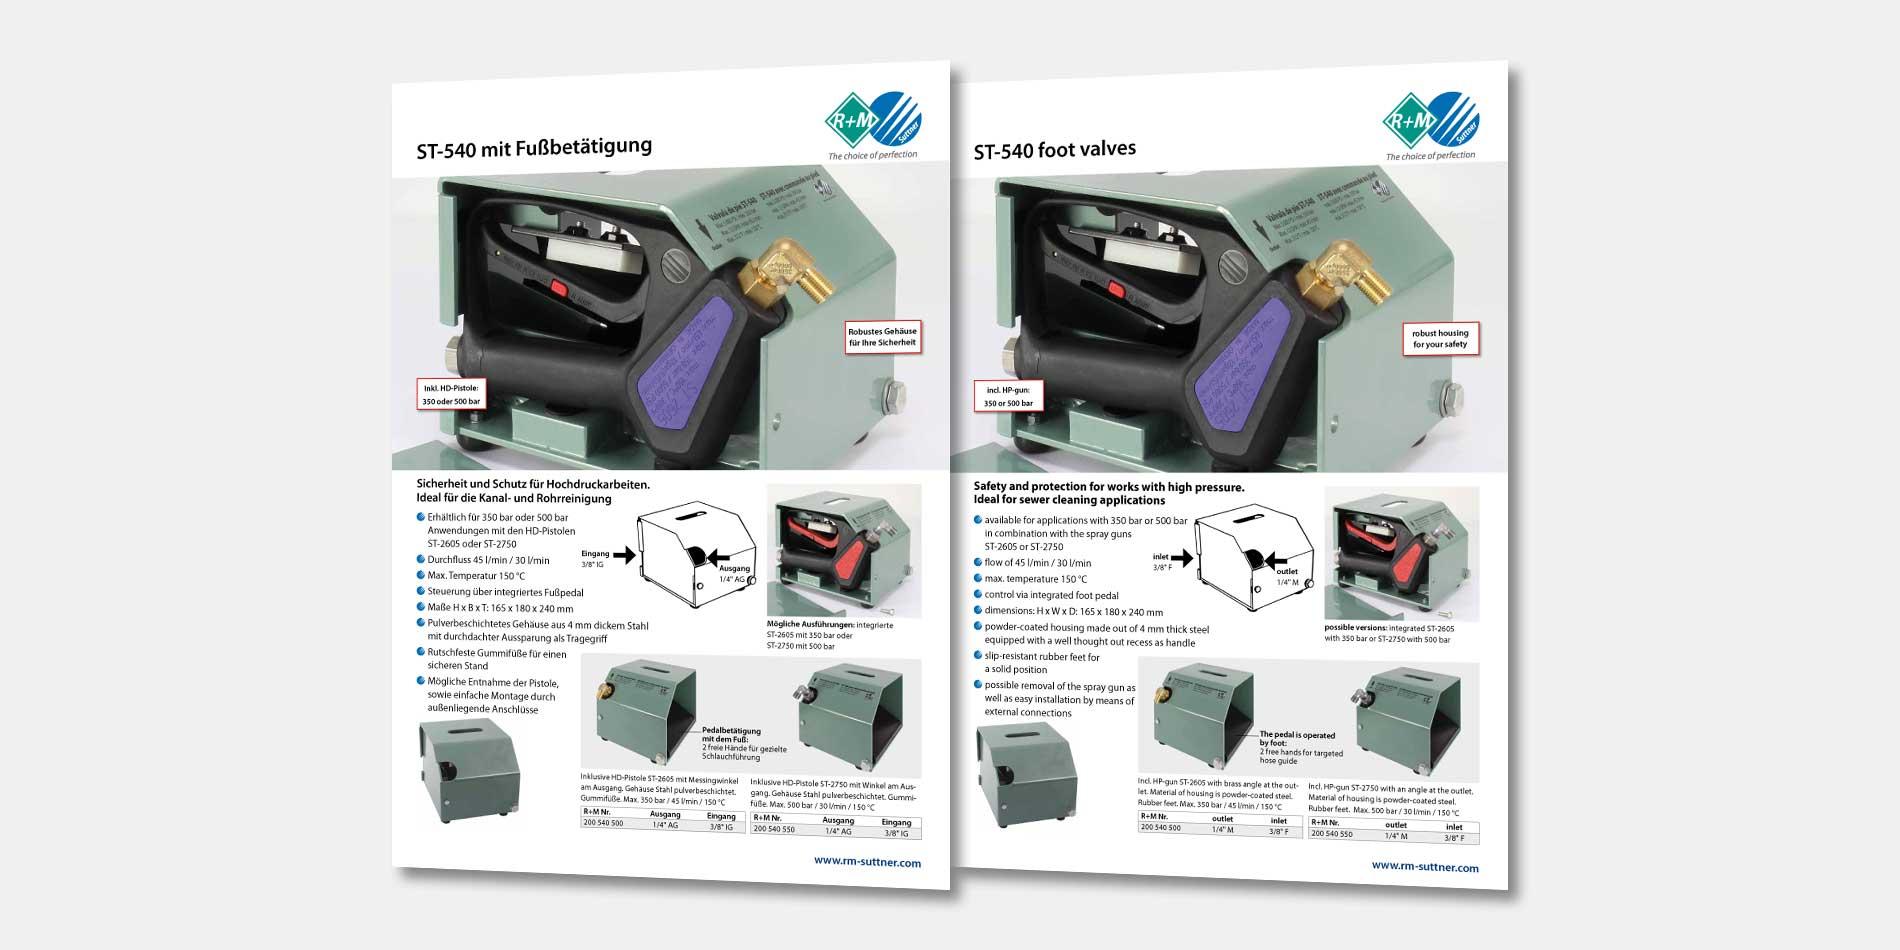 Für DE und UK. Fußschalter ST-540 für Ihre Sicherheit und den Schutz bei der Hochdruckreinigung